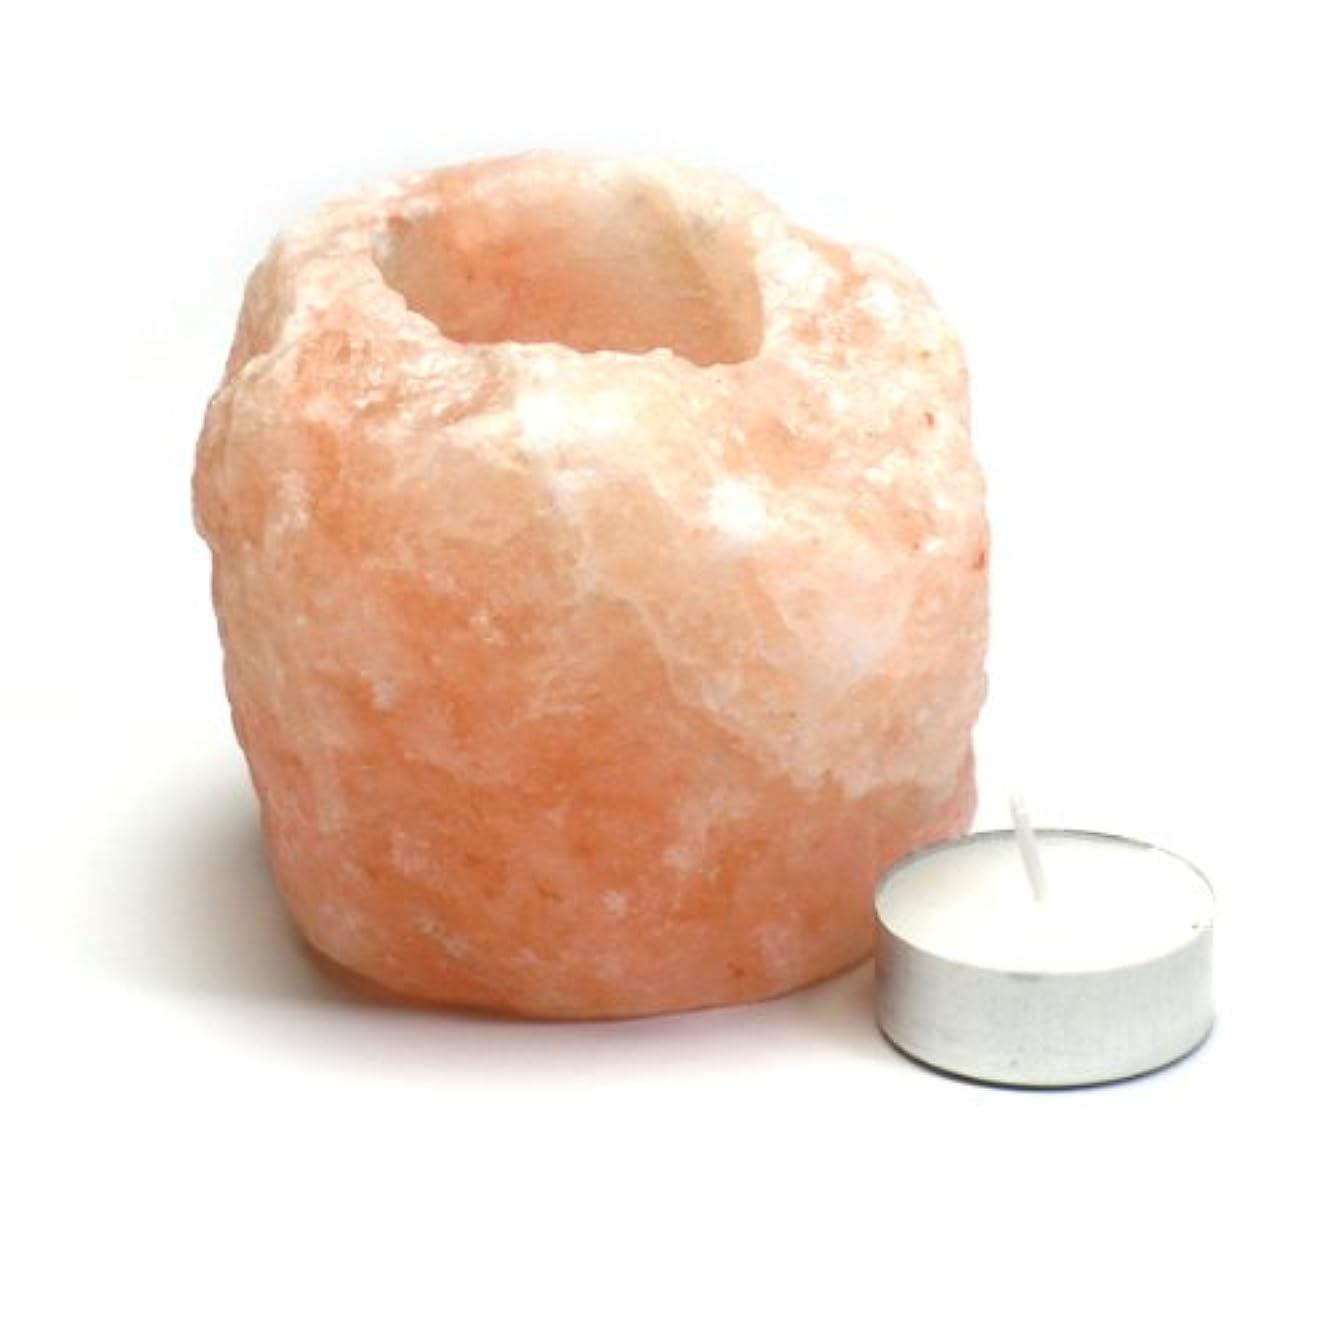 さようなら放映懐疑論ヒマラヤ岩塩 キャンドルホルダー1~1.4kg ピンクソルトキャンドルスタンド ティーライト用 ランタン